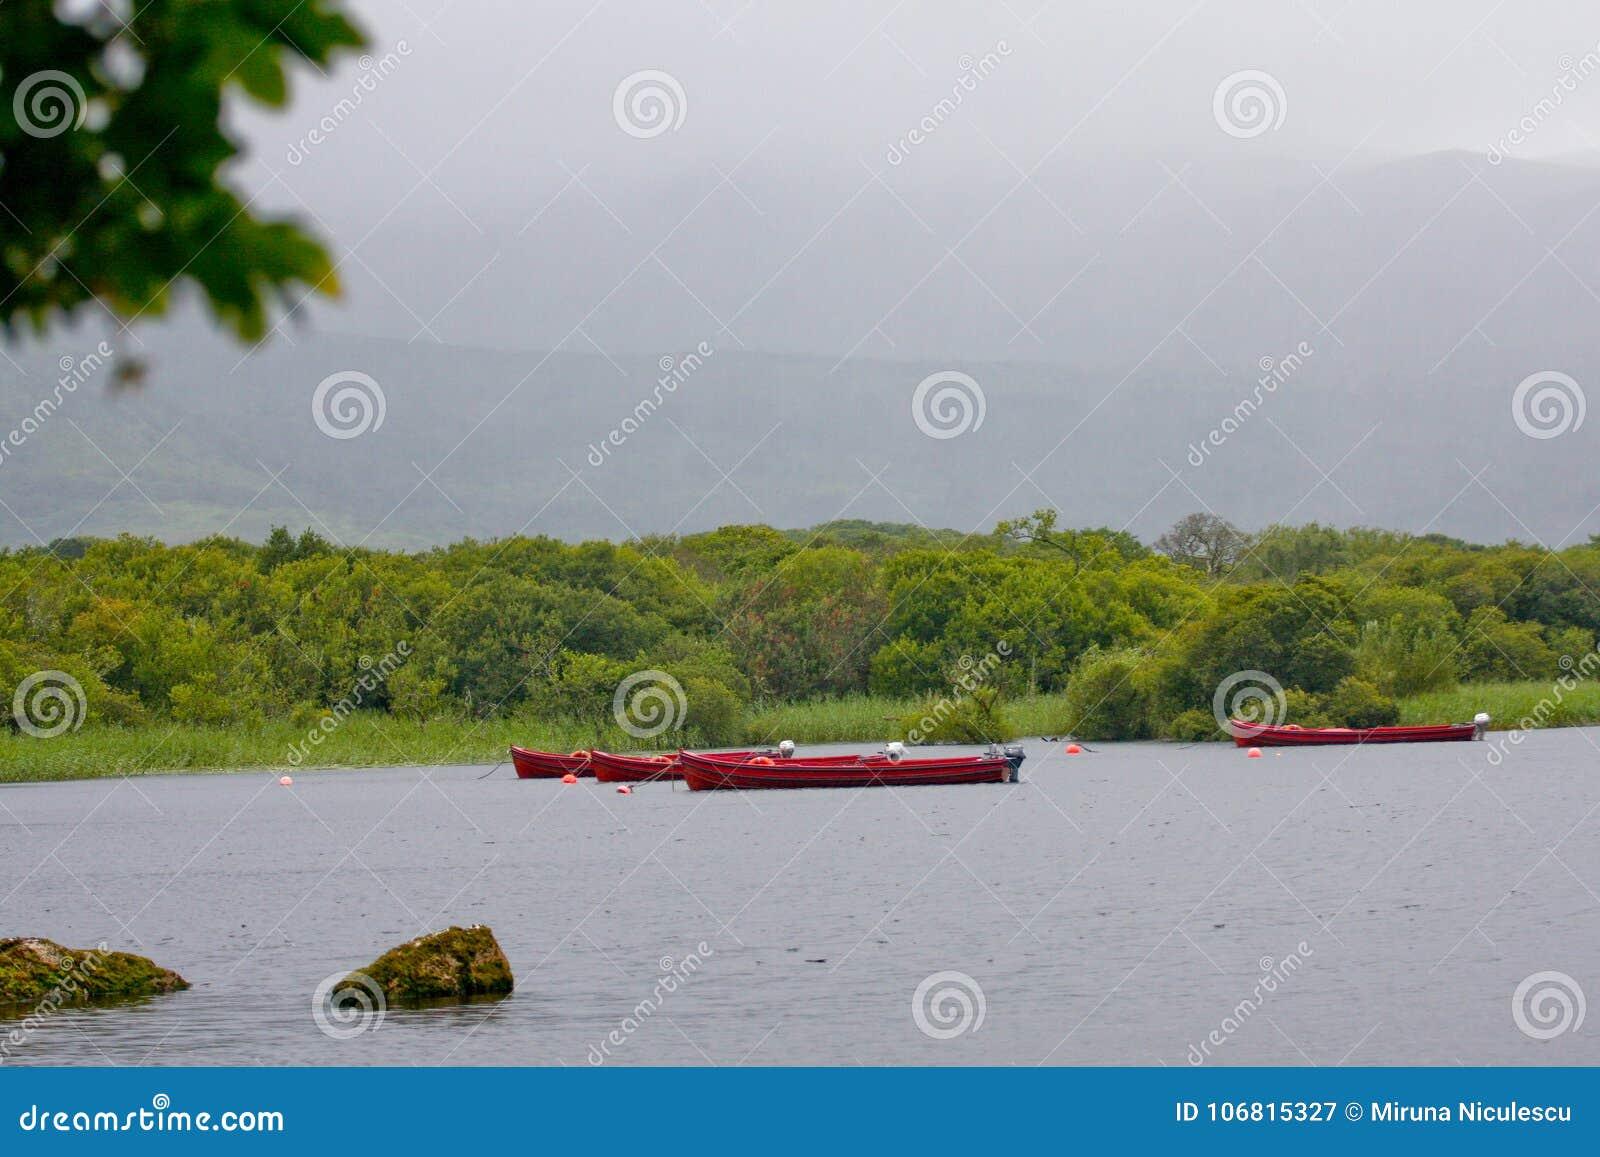 Killarney Lake Fishing